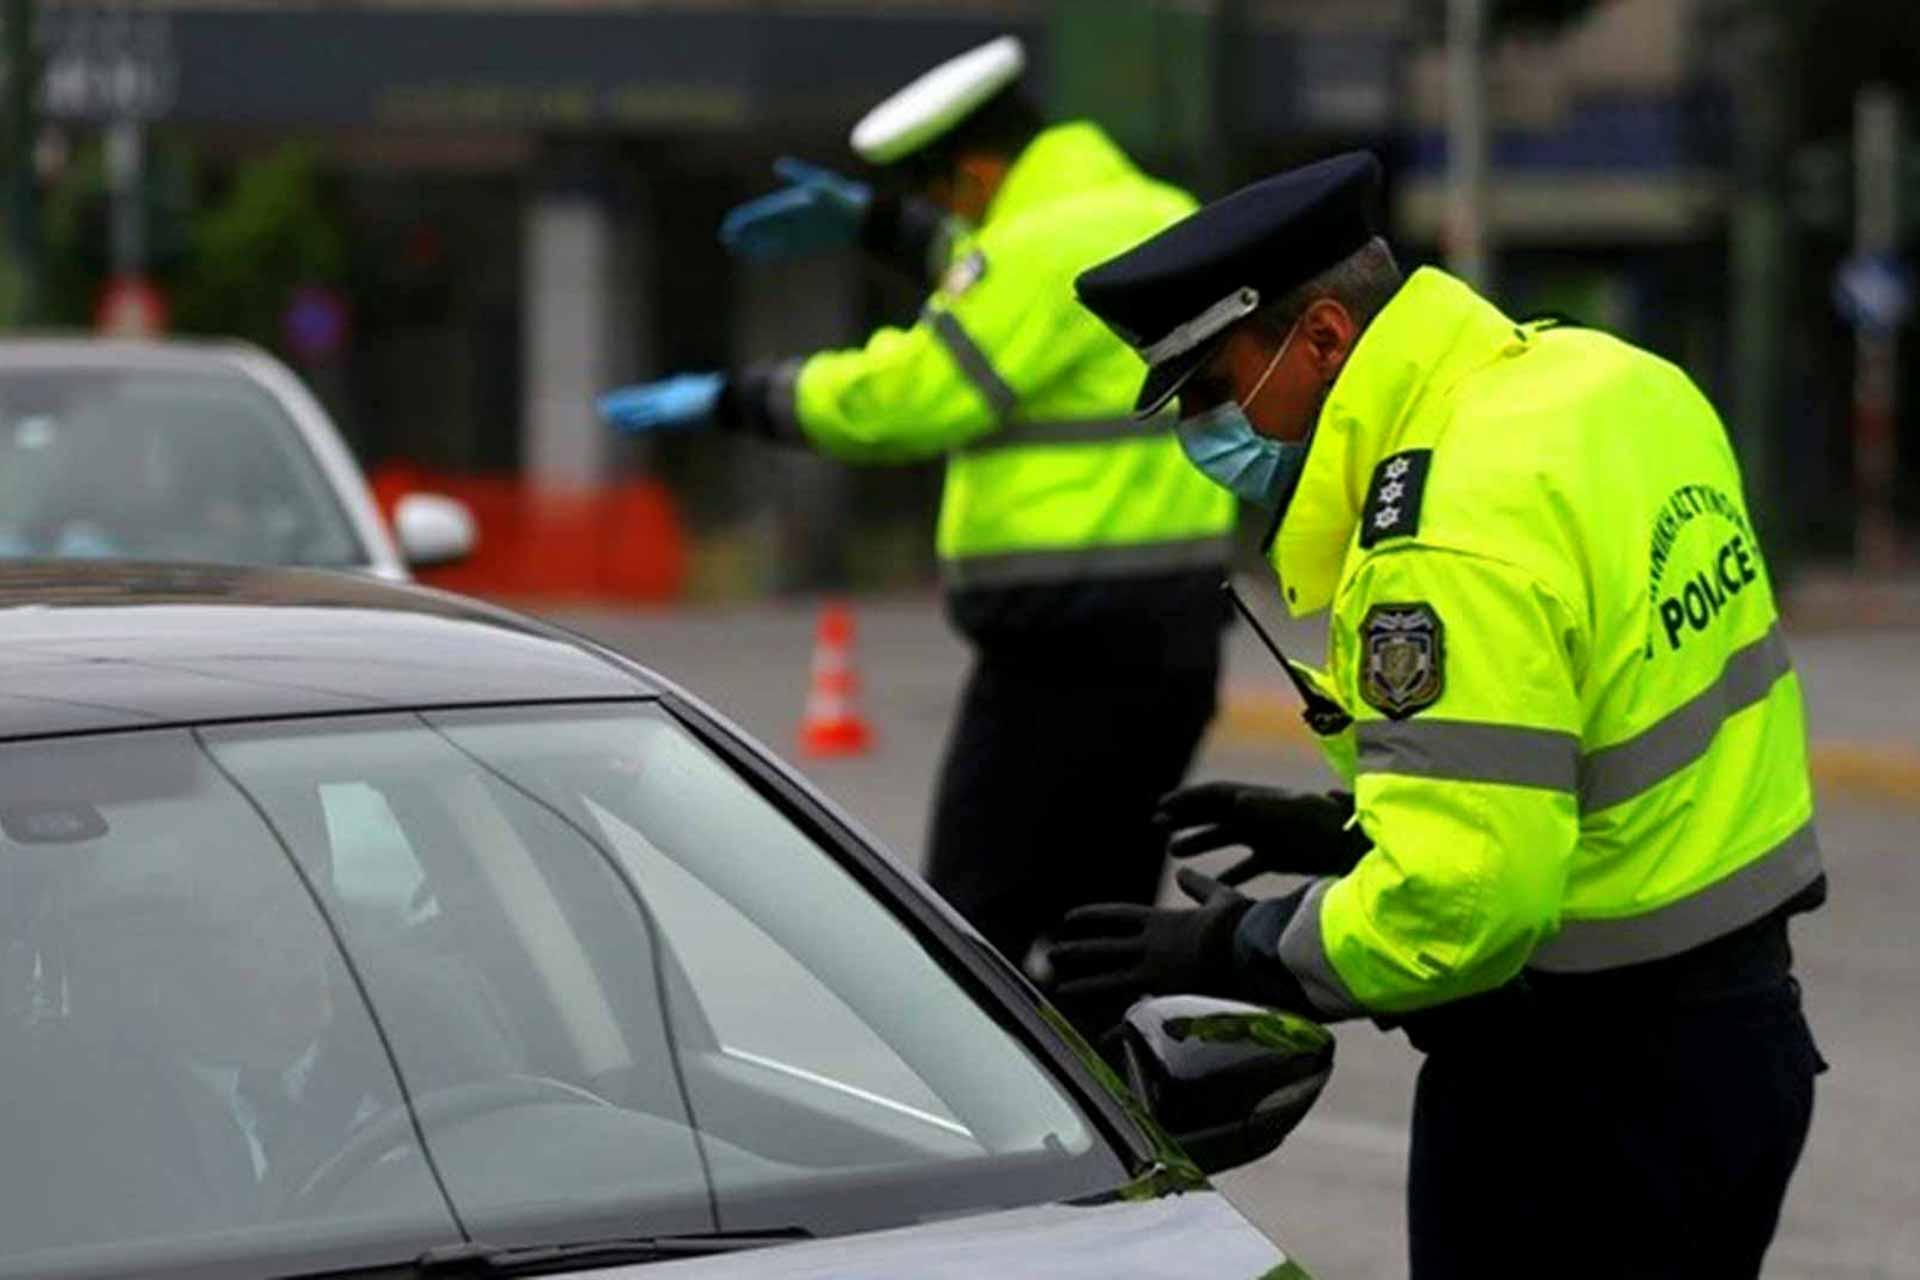 Απαγόρευση κυκλοφορίας: Παρά την κακοκαιρία 40 πρόστιμα χθες στην ΑΜΘ